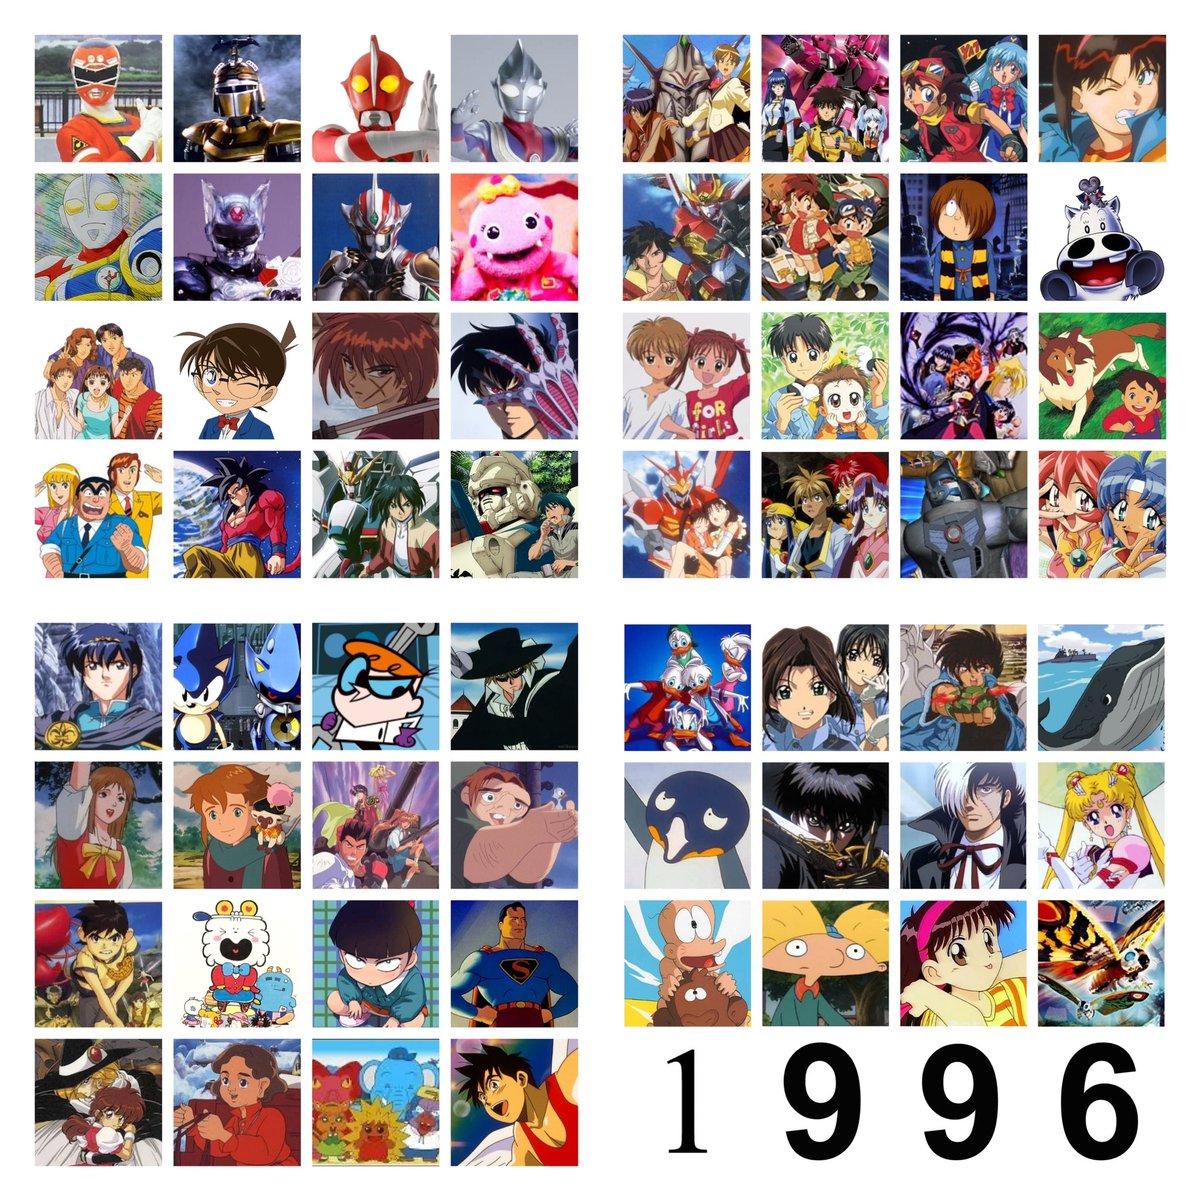 """スシツネ в Twitter: """"1996年やっっっば!! #1996年アニメ #1996年 ..."""